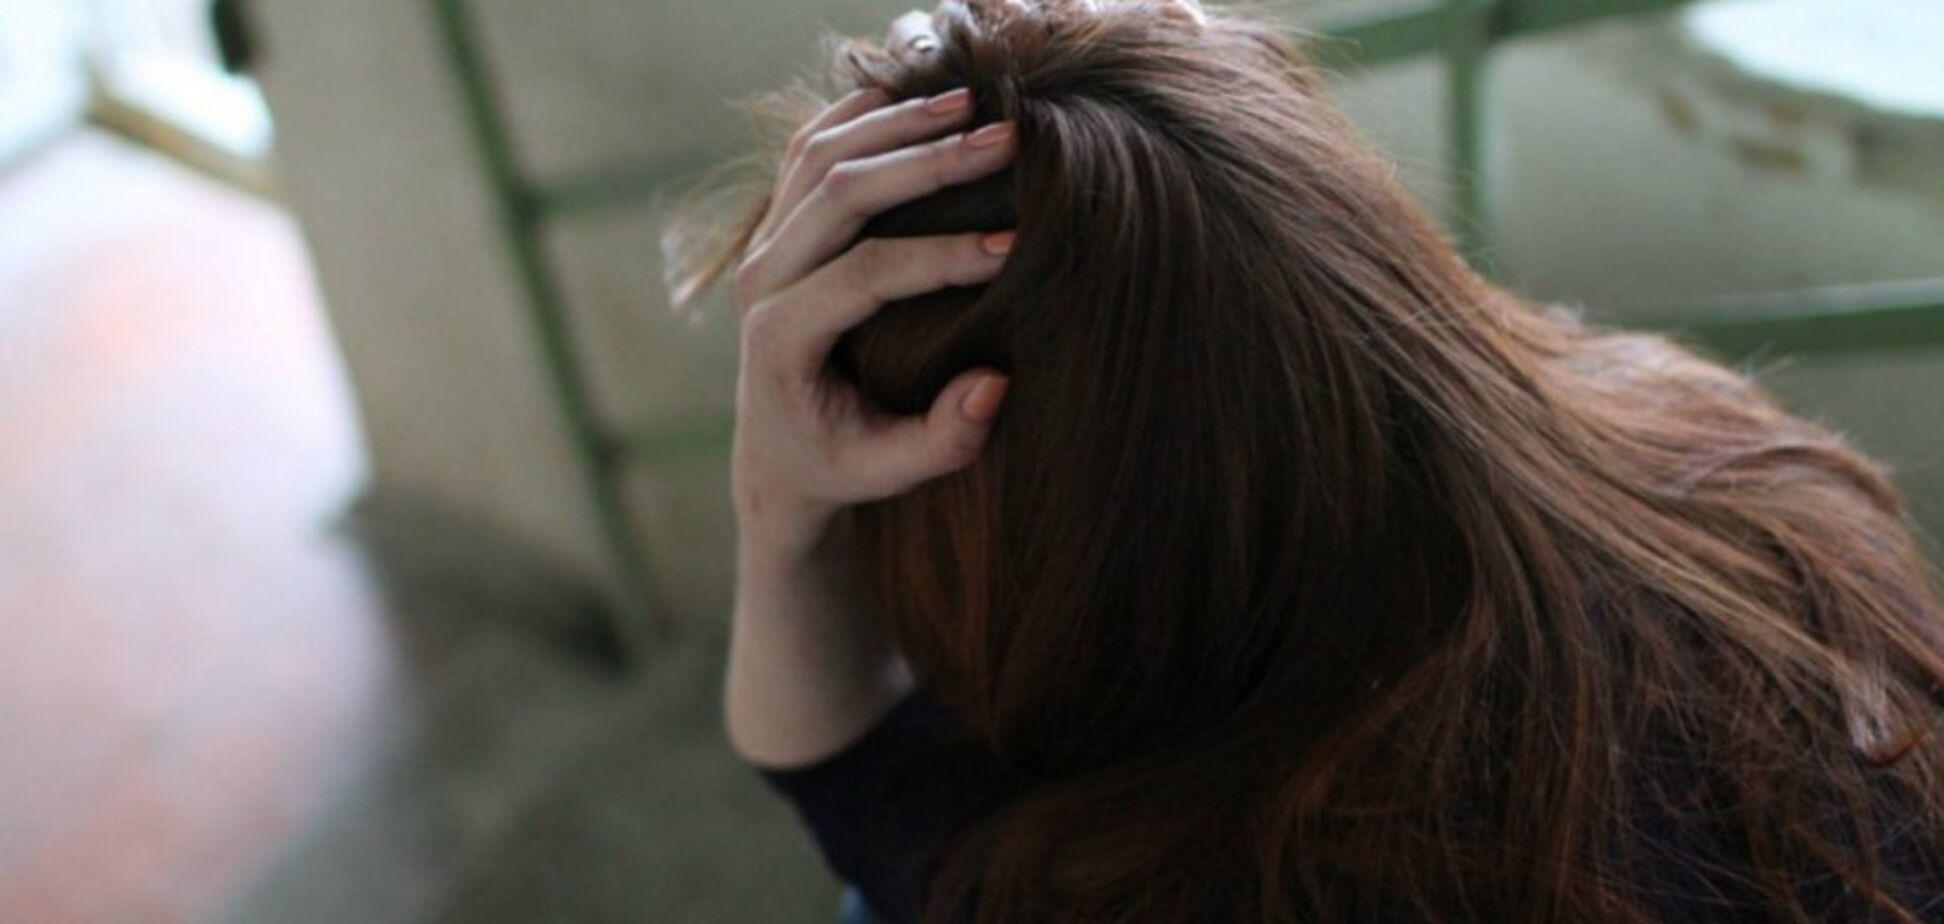 Зверское избиение девочки в Бердичеве: в полиции раскрыли жуткие подробности